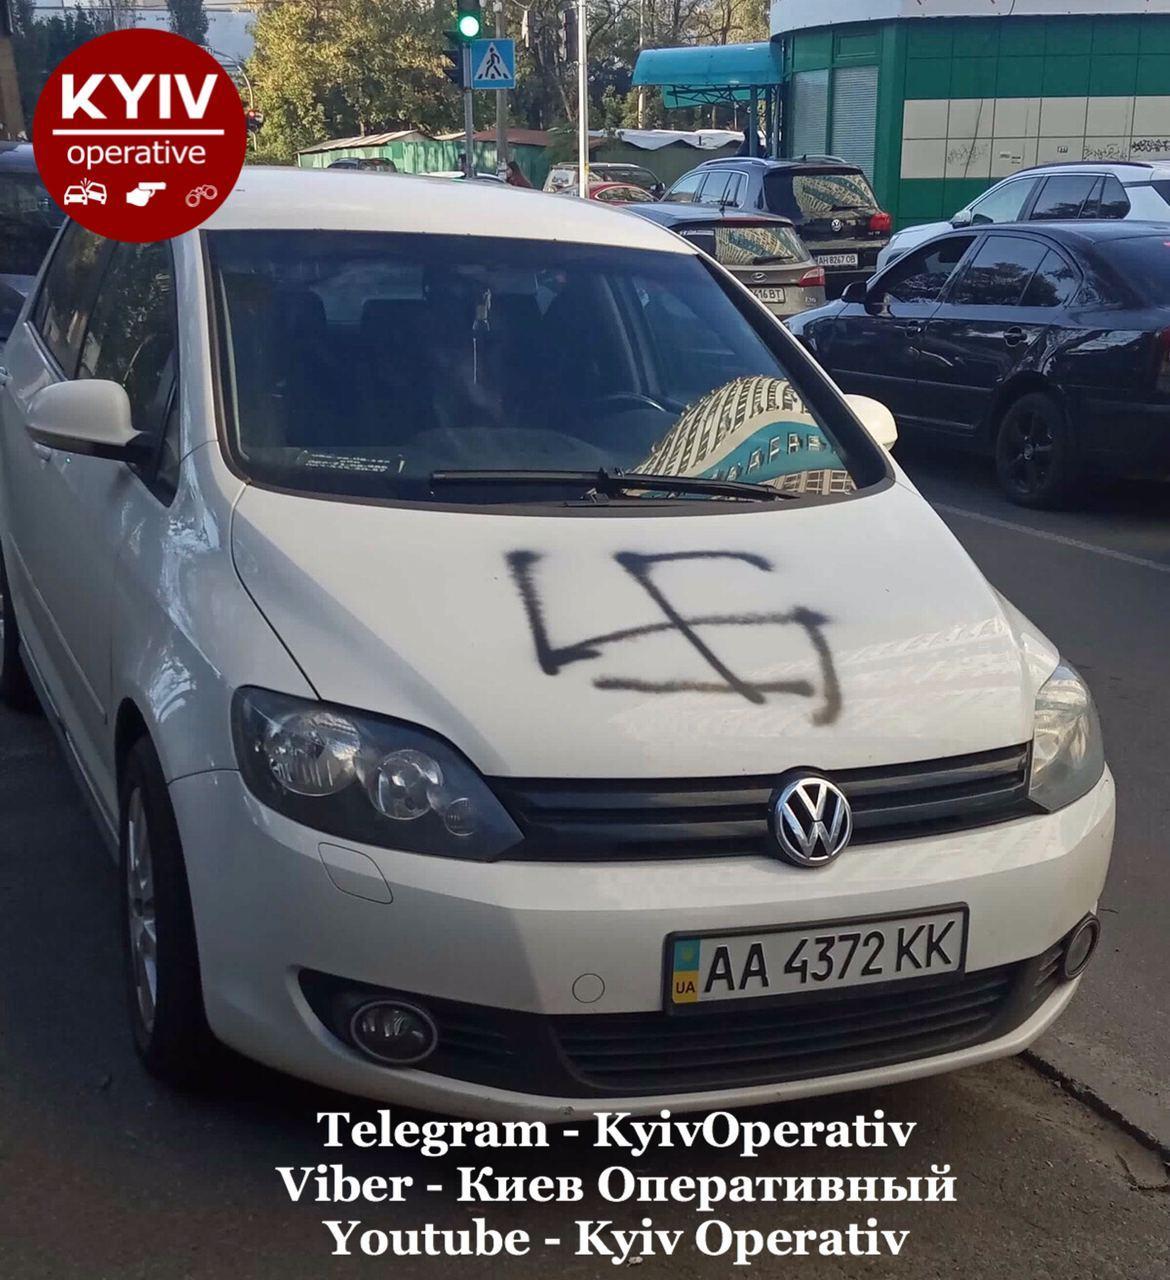 В Киеве жестко досталось «героям парковки»: владельцам оставленных авто придется поработать (ФОТО)